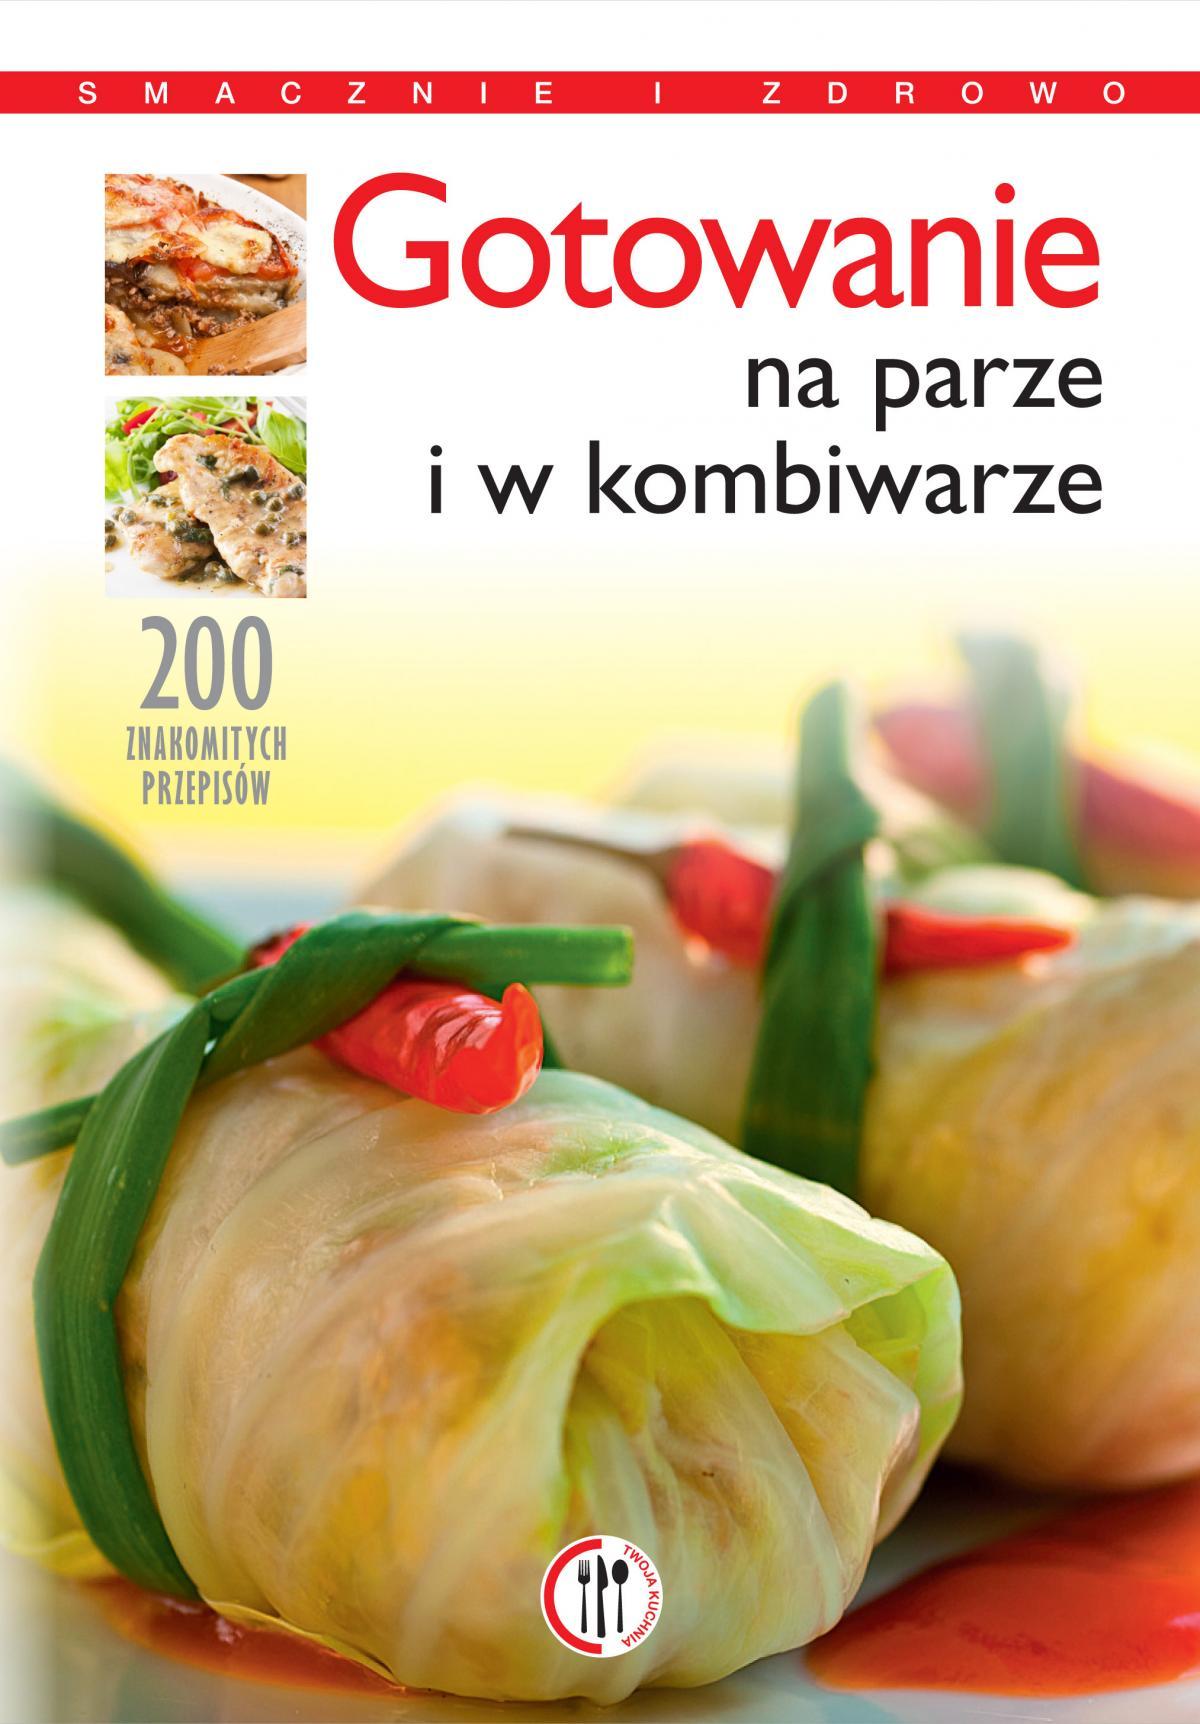 Gotowanie na parze i w kombiwarze - Ebook (Książka PDF) do pobrania w formacie PDF